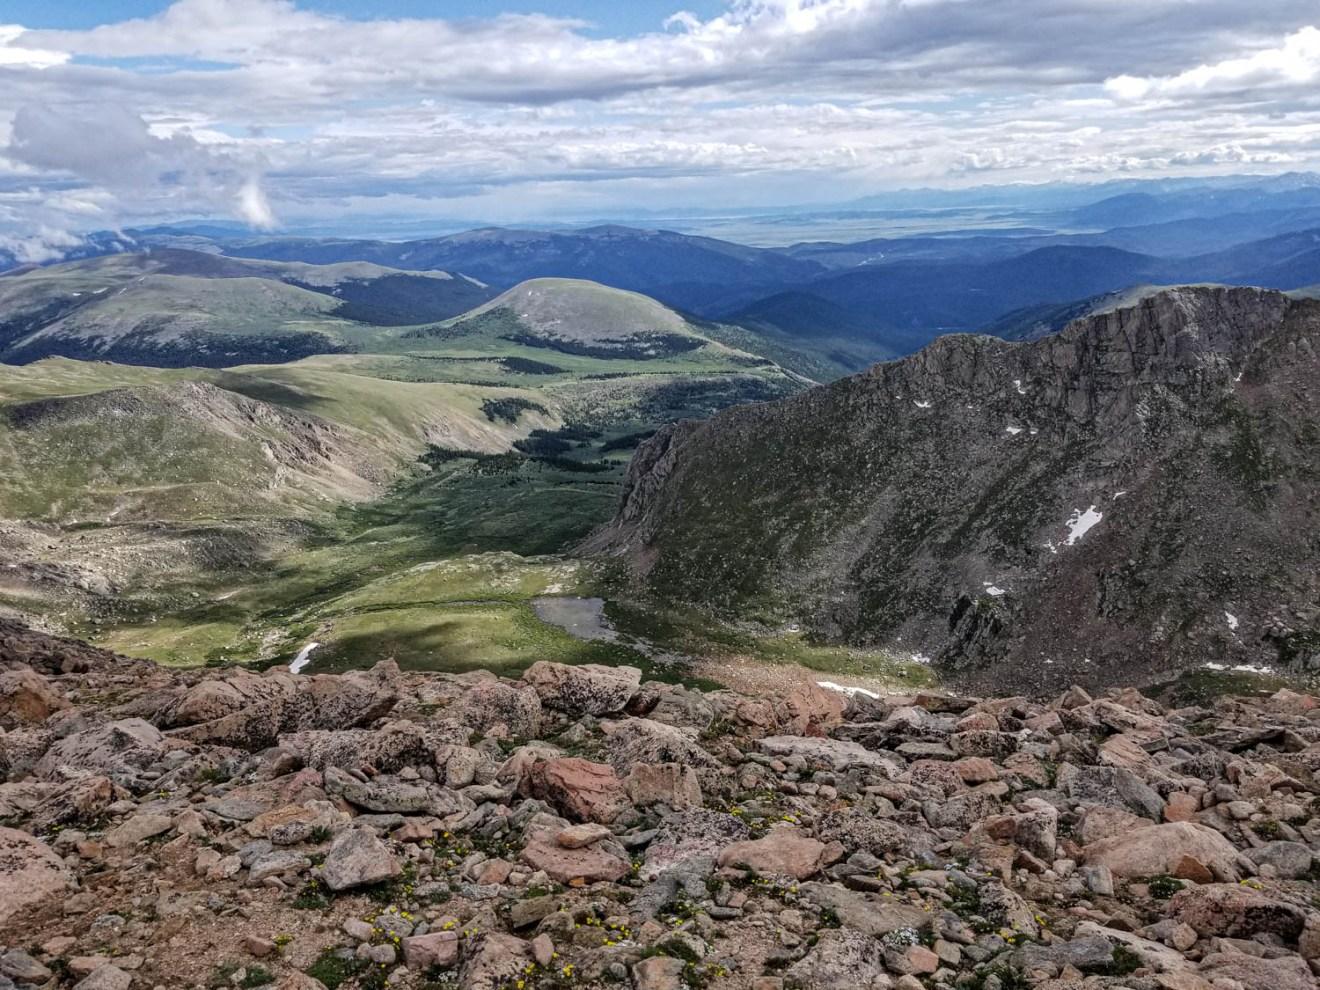 Mt Evans Colorado road trip